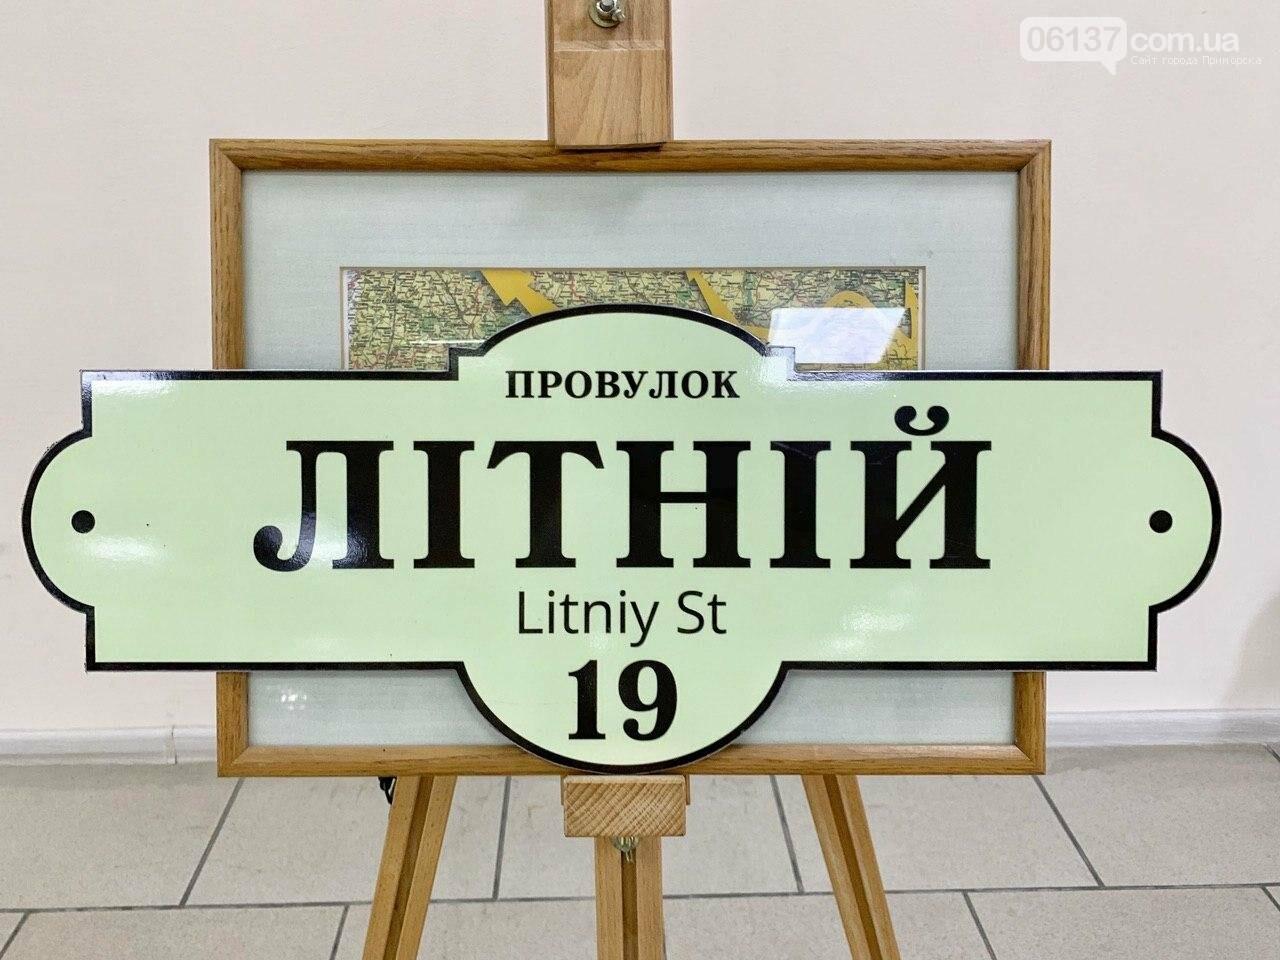 А вы уже приобрели свою уникальную адресную табличку? , фото-5